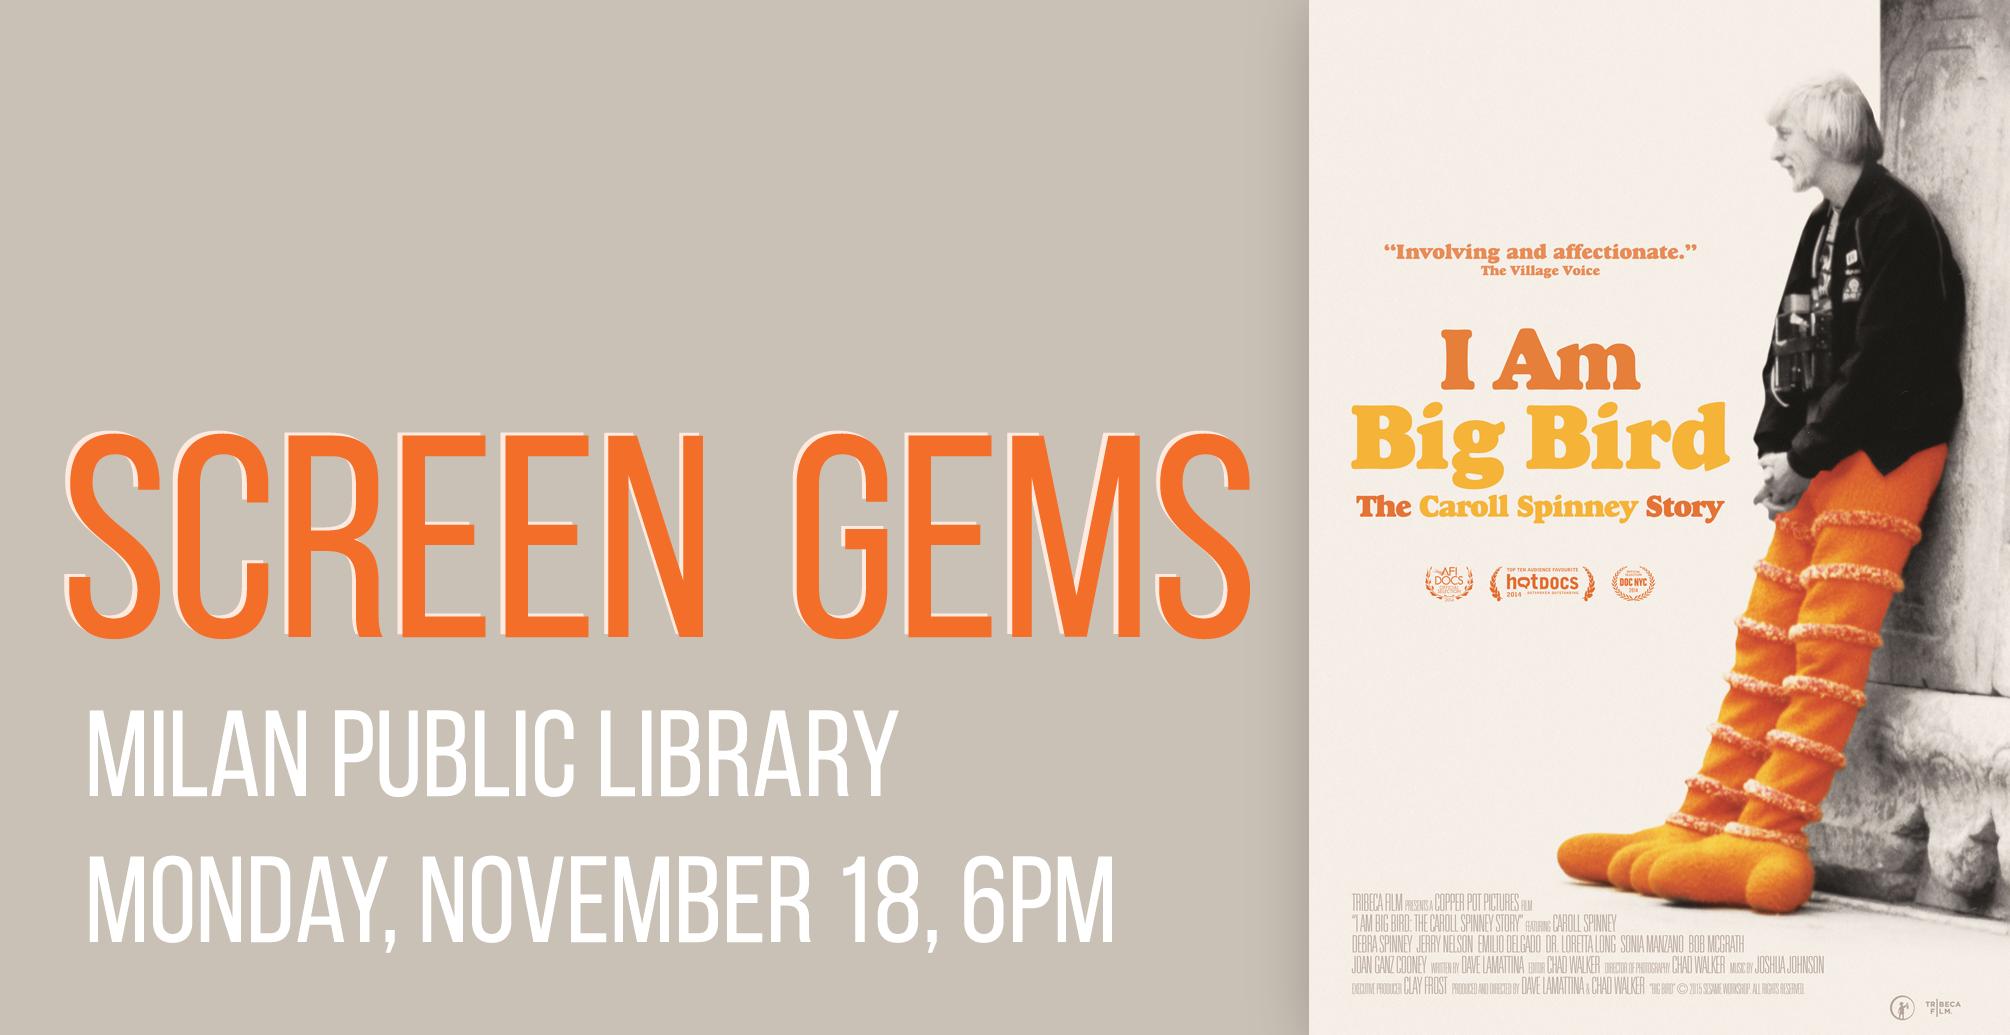 2019-11-LIBRARY-Milan-Screen-Gems-I-Am-Big-Bird-Slide